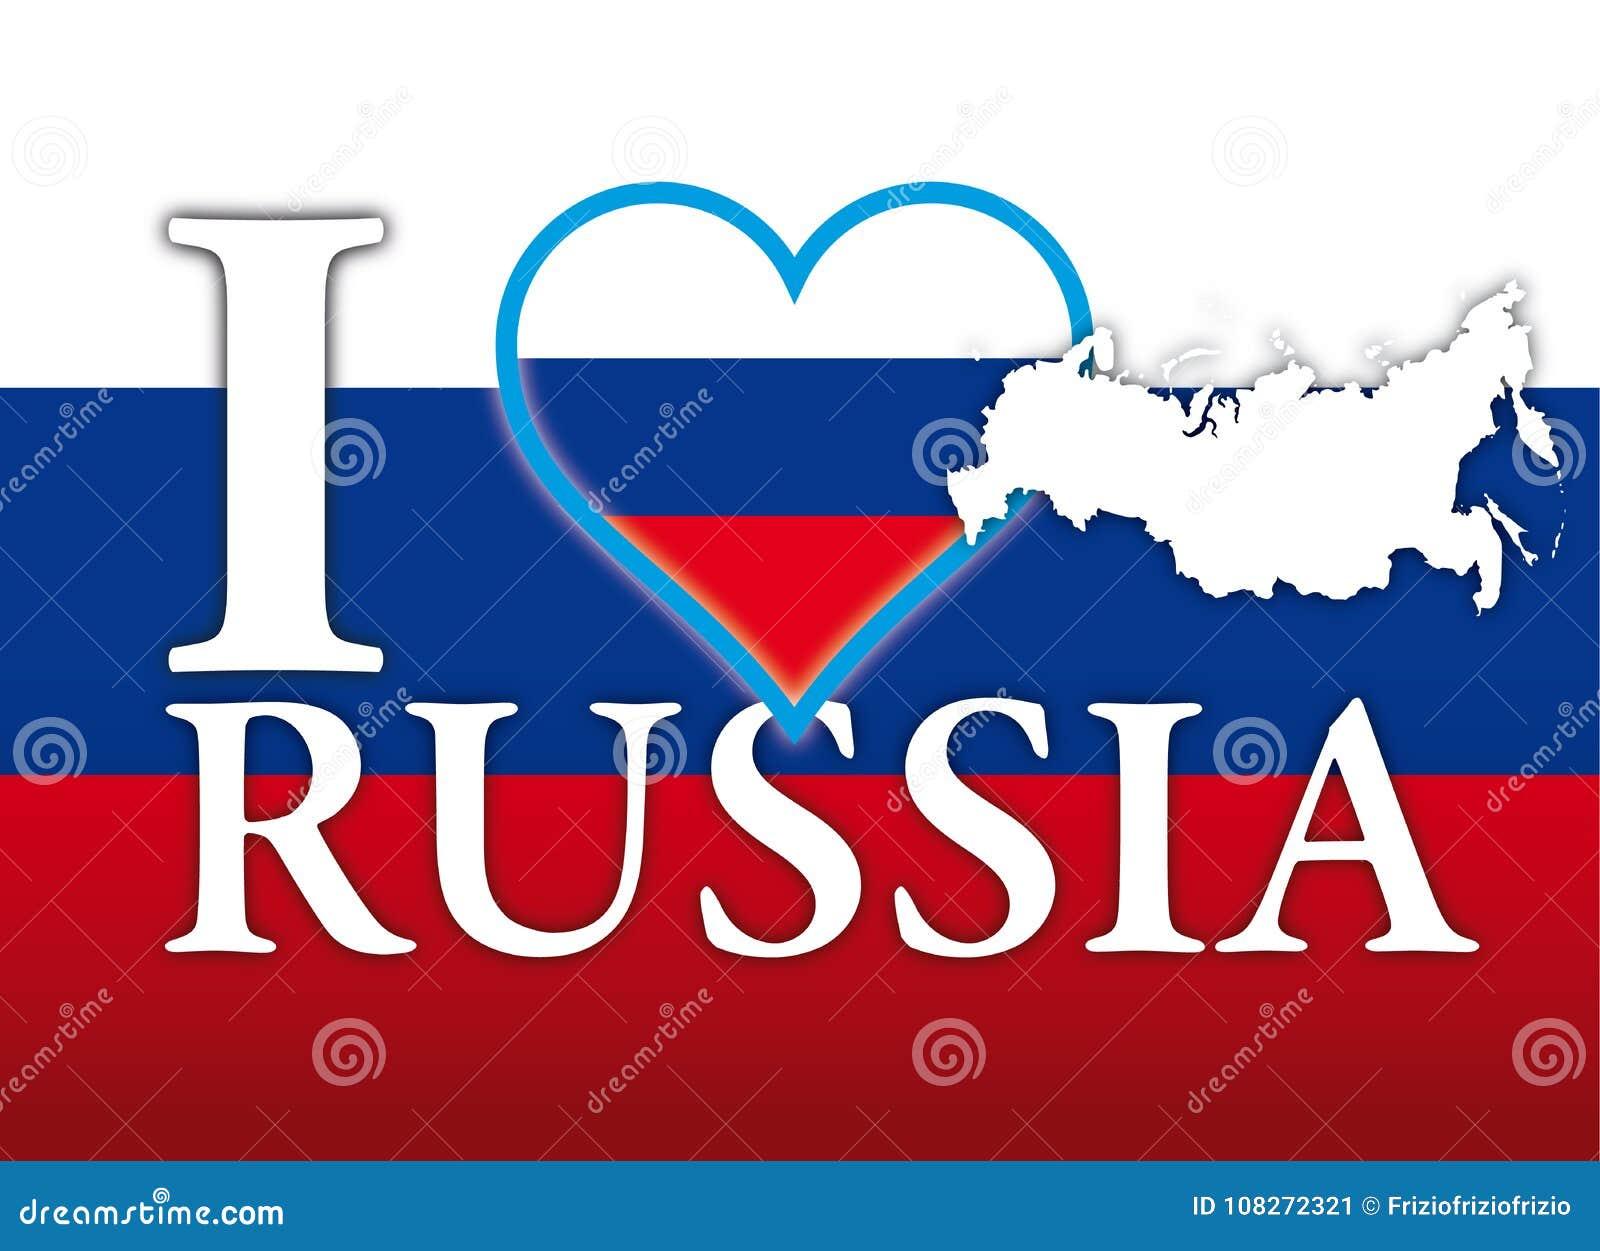 Amo I Simboli Della Russia 26a91bb58b7e